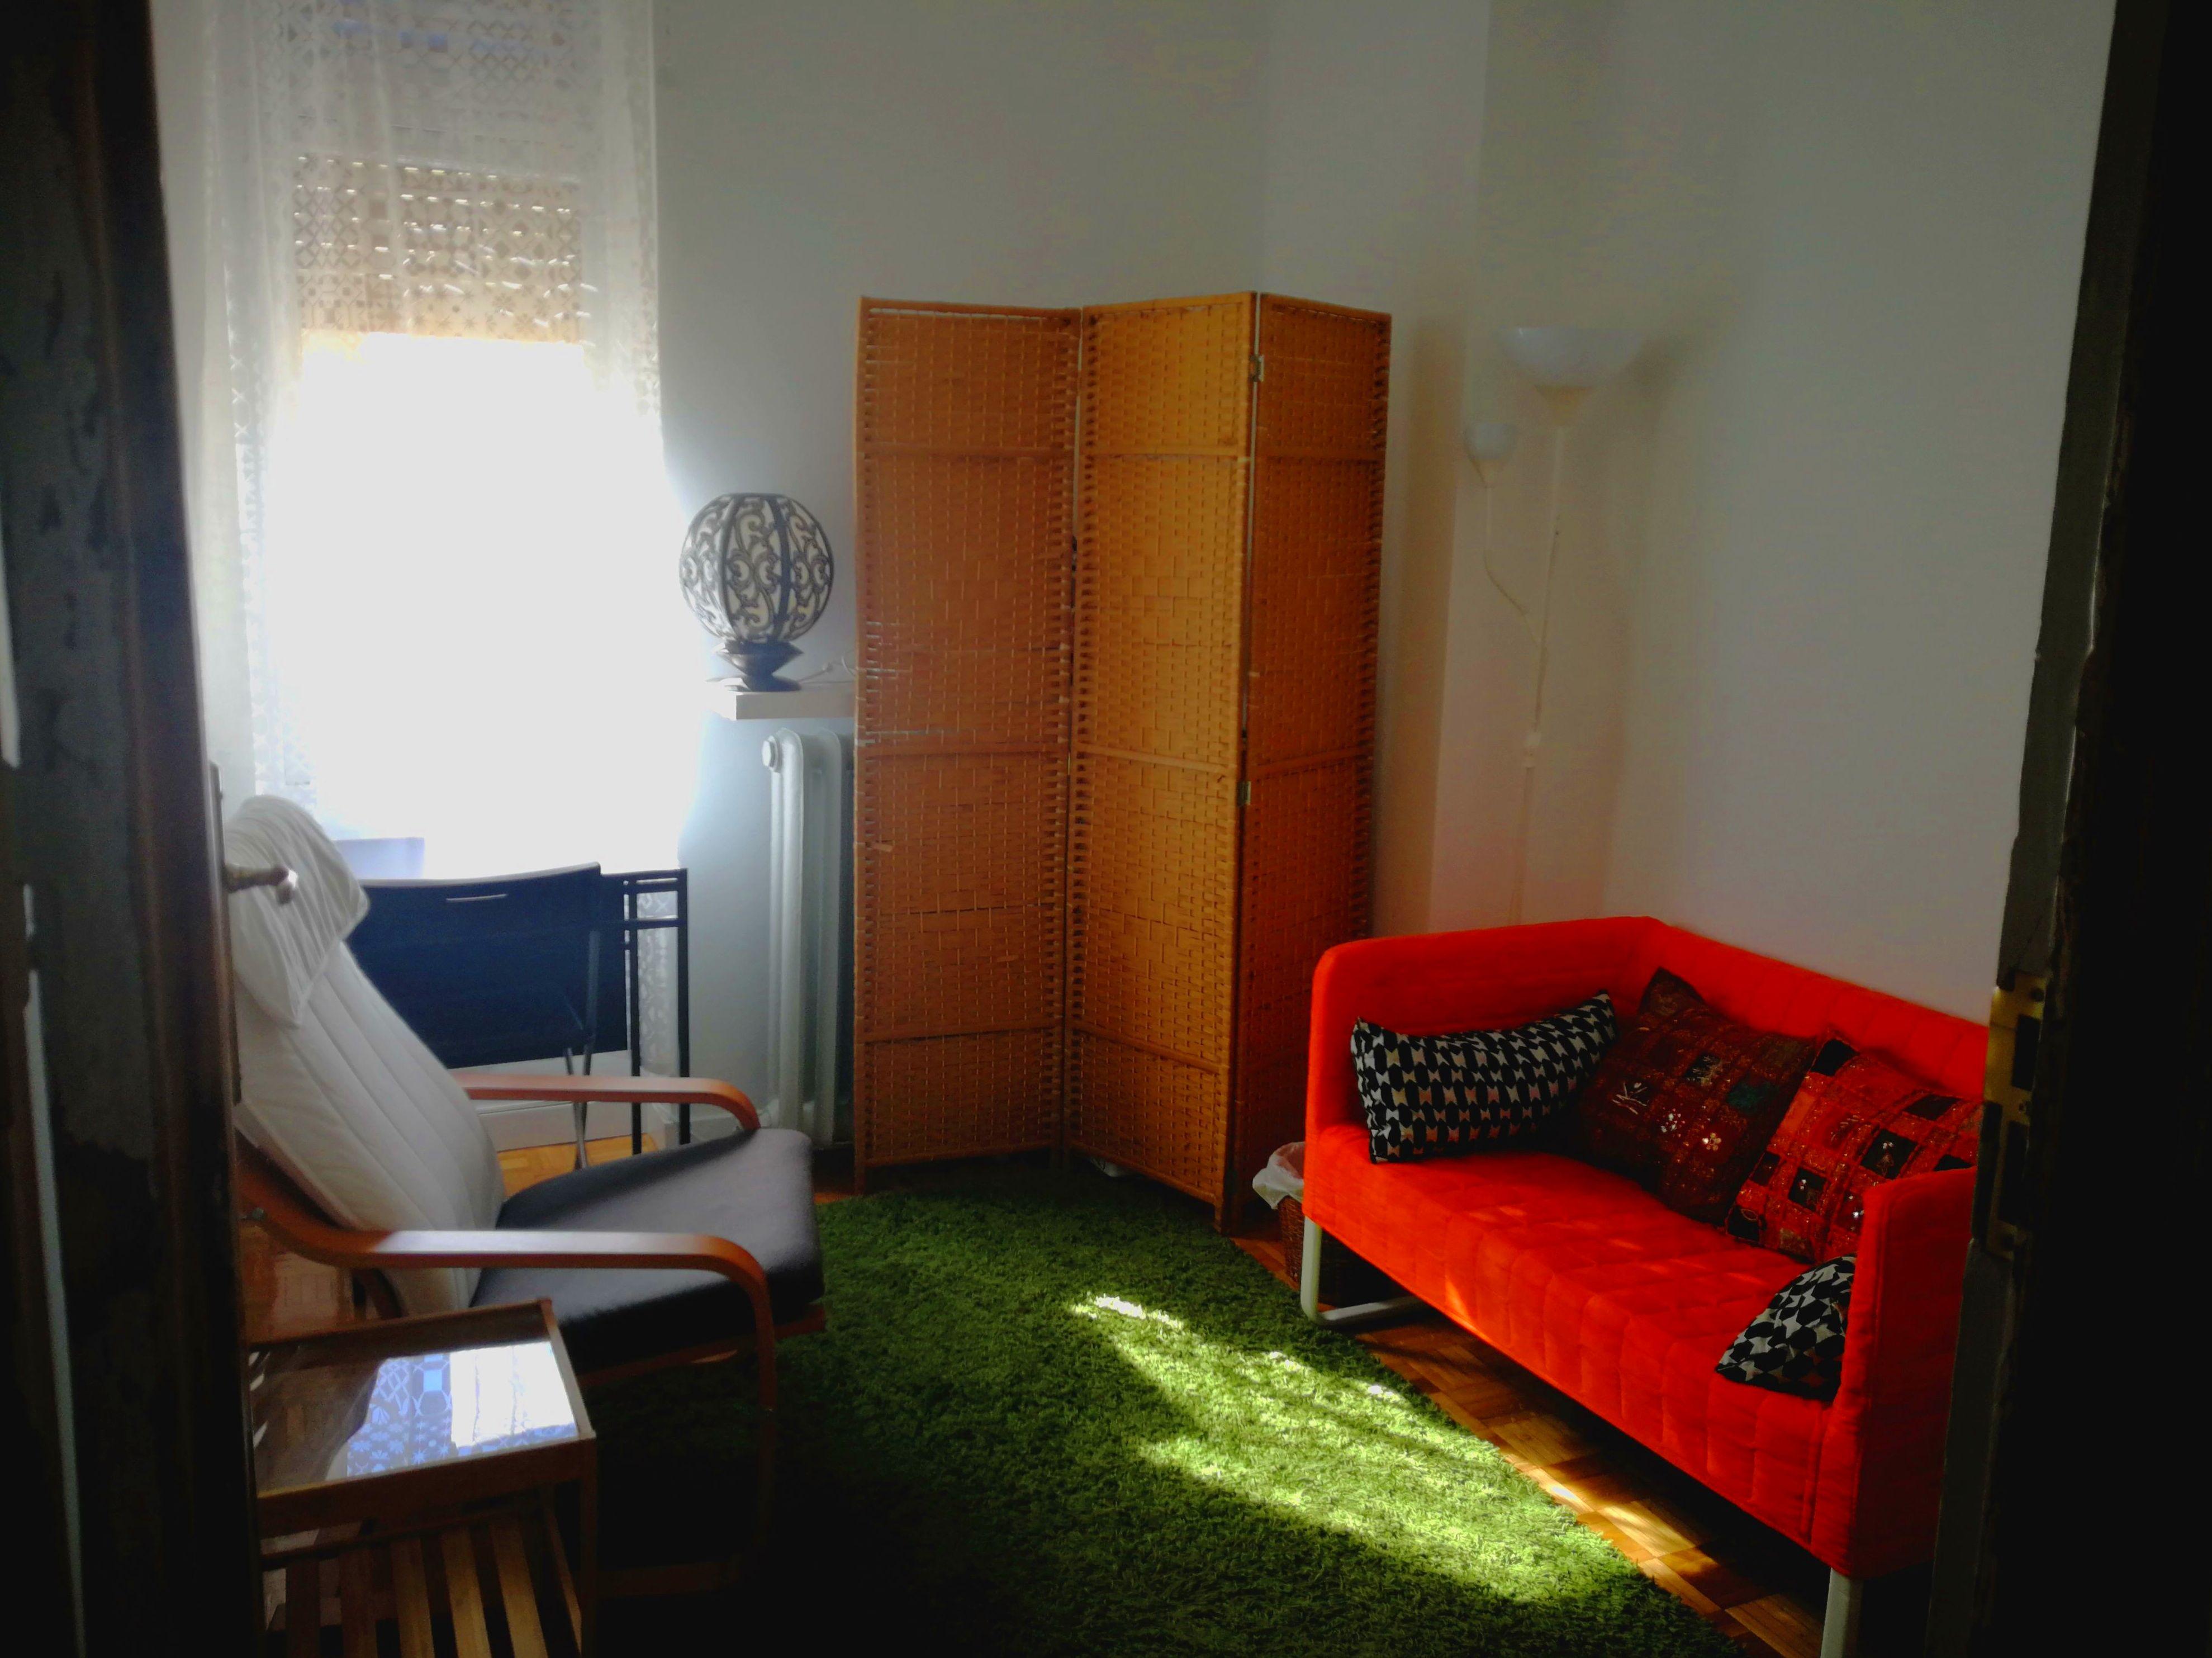 Foto 15 de Terapeuta en Madrid | Terapia Gestalt Integrativa